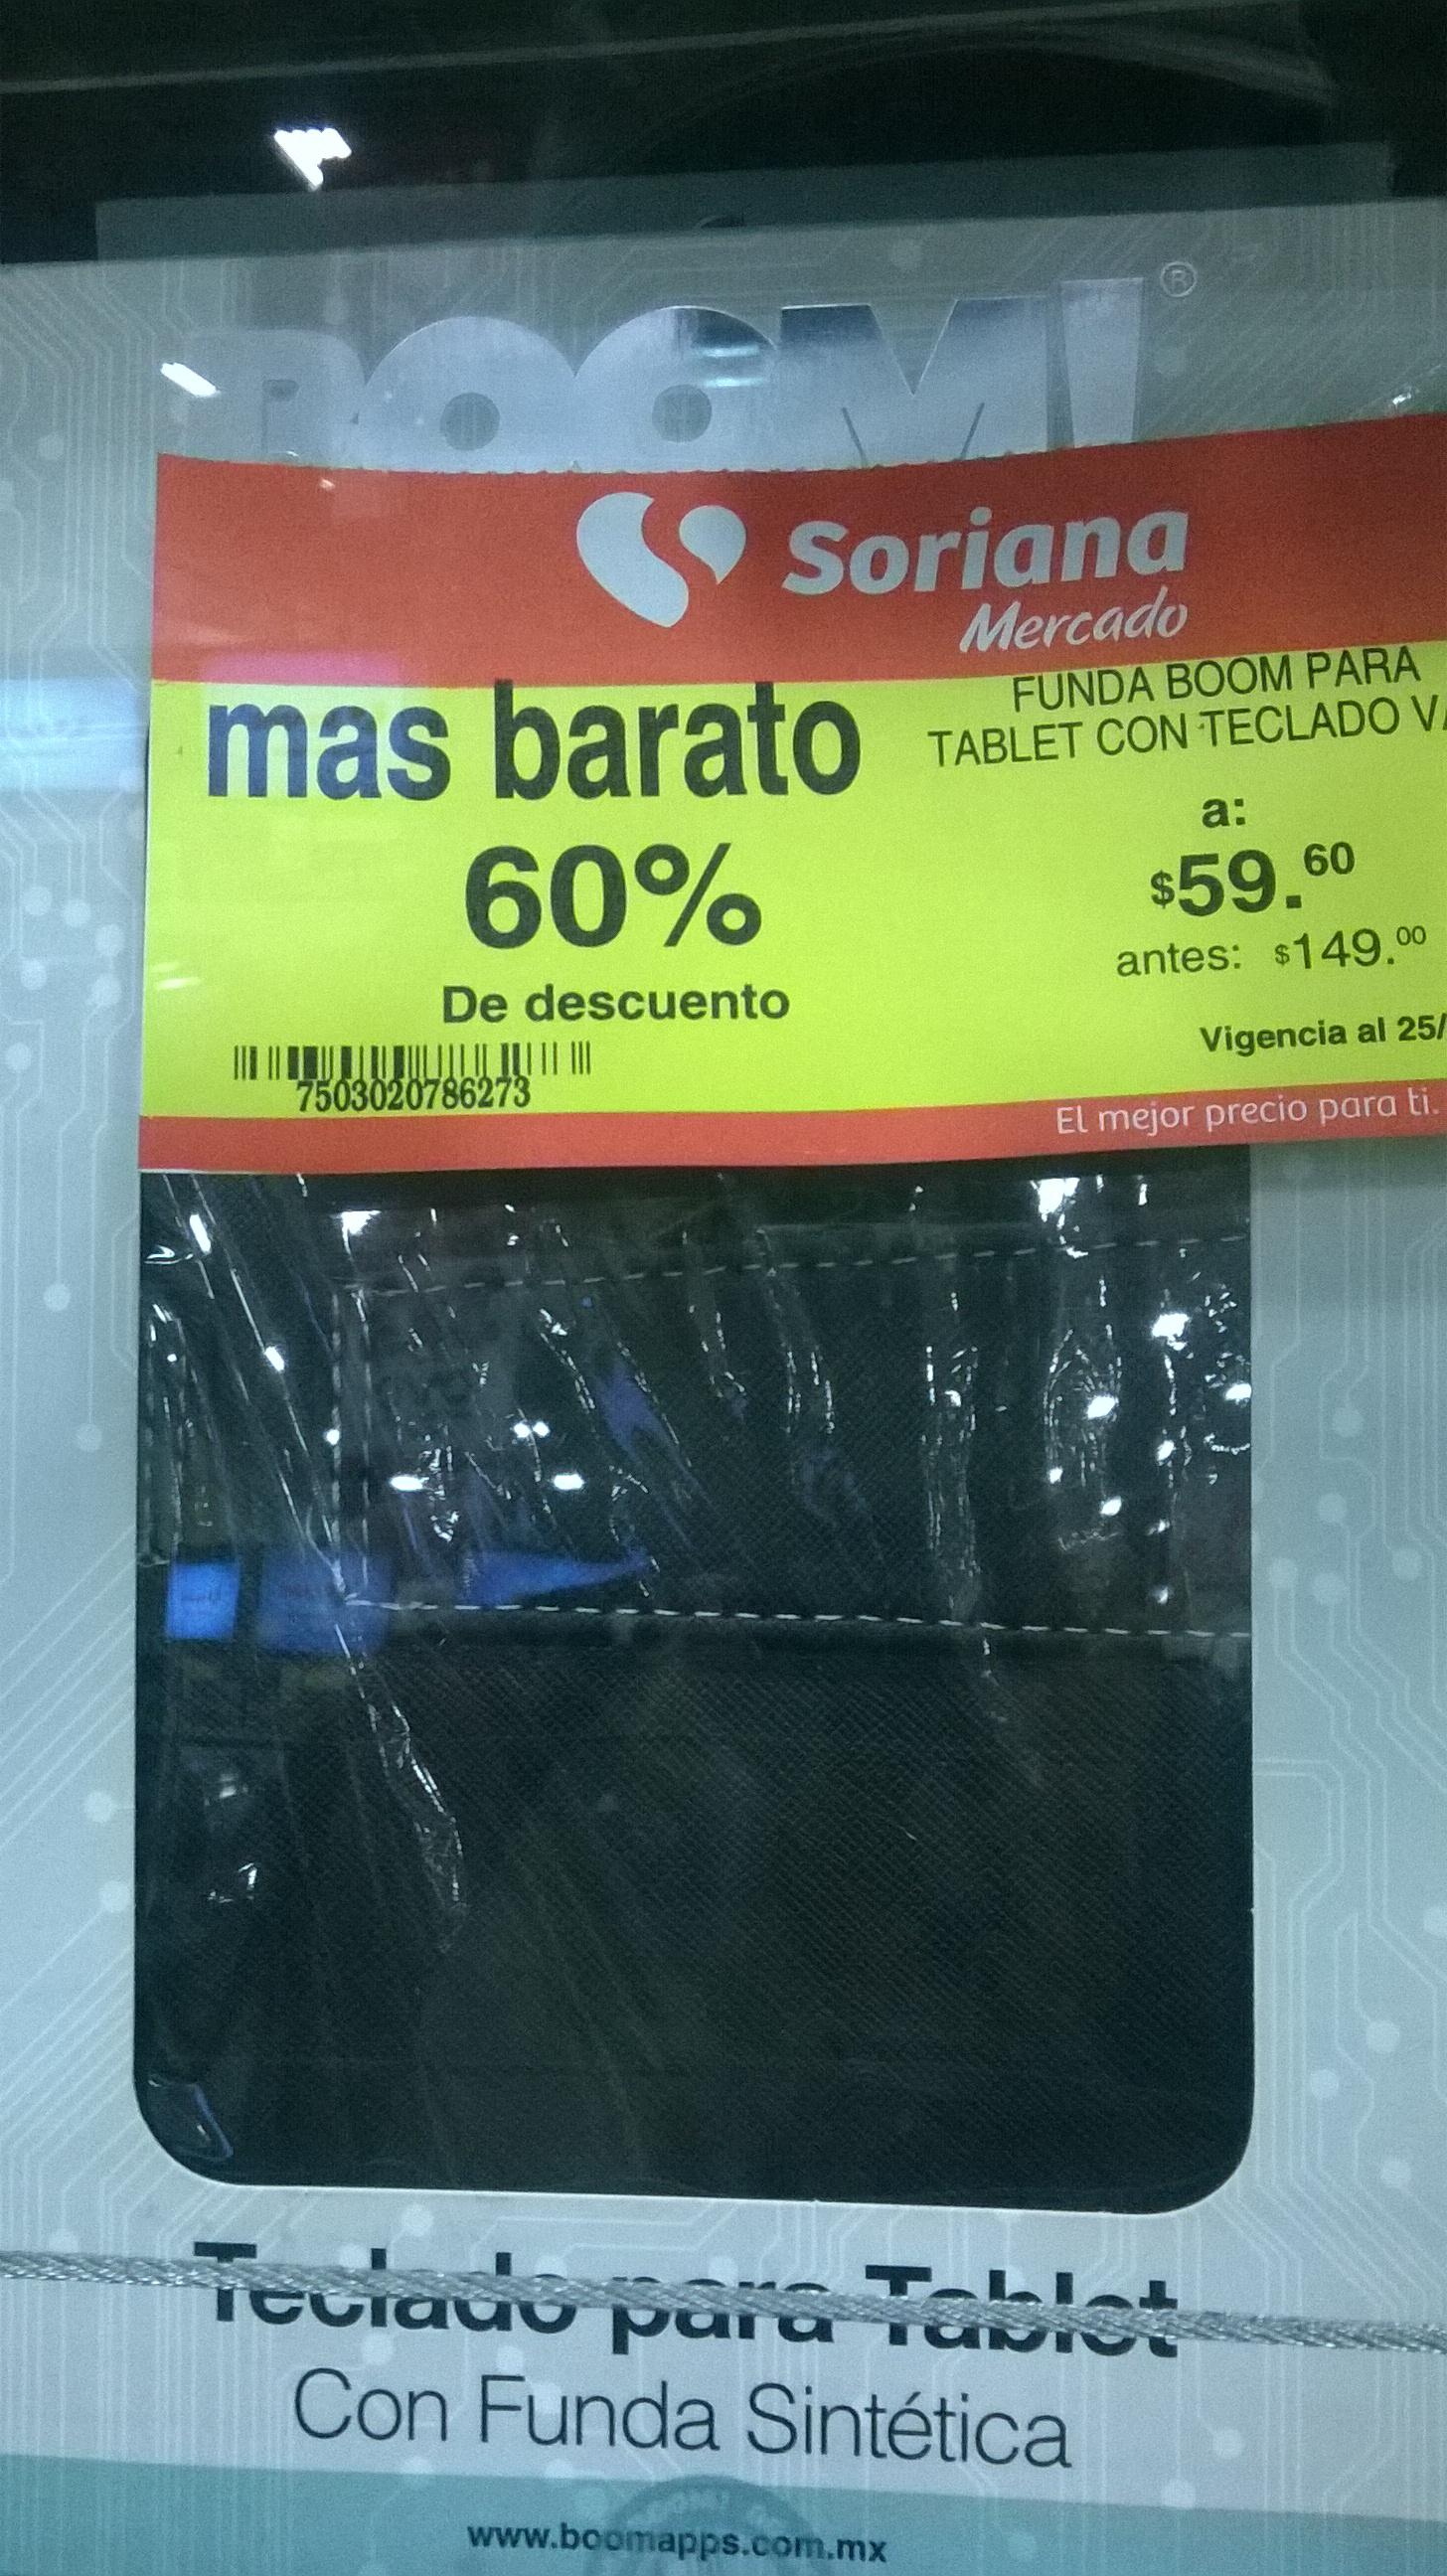 Soriana Mercado: funda con teclado para tablet a $59.60